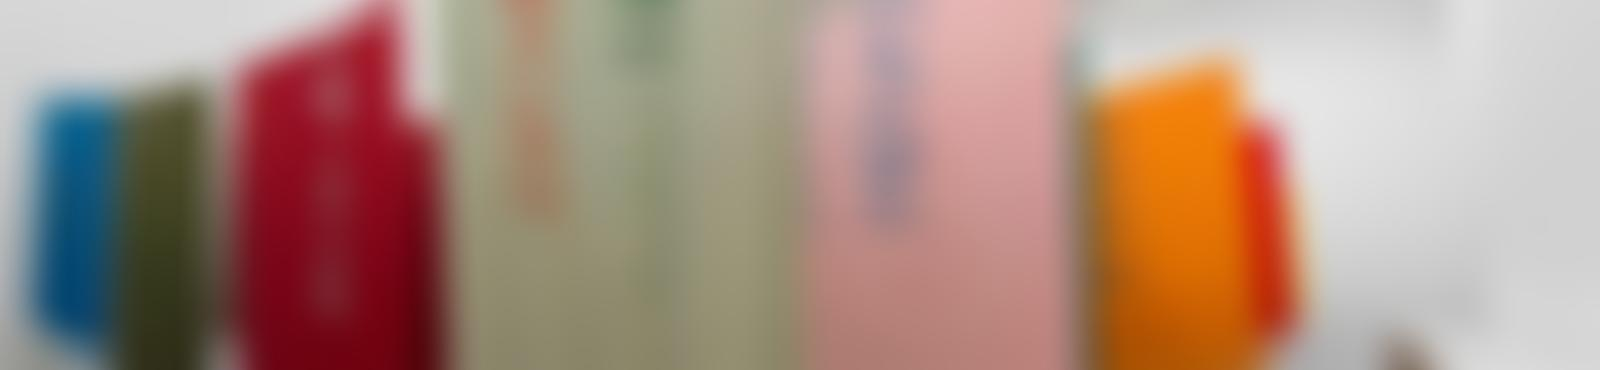 Blurred 6121f78d ed34 4ab6 bf0e 7afb626034bf